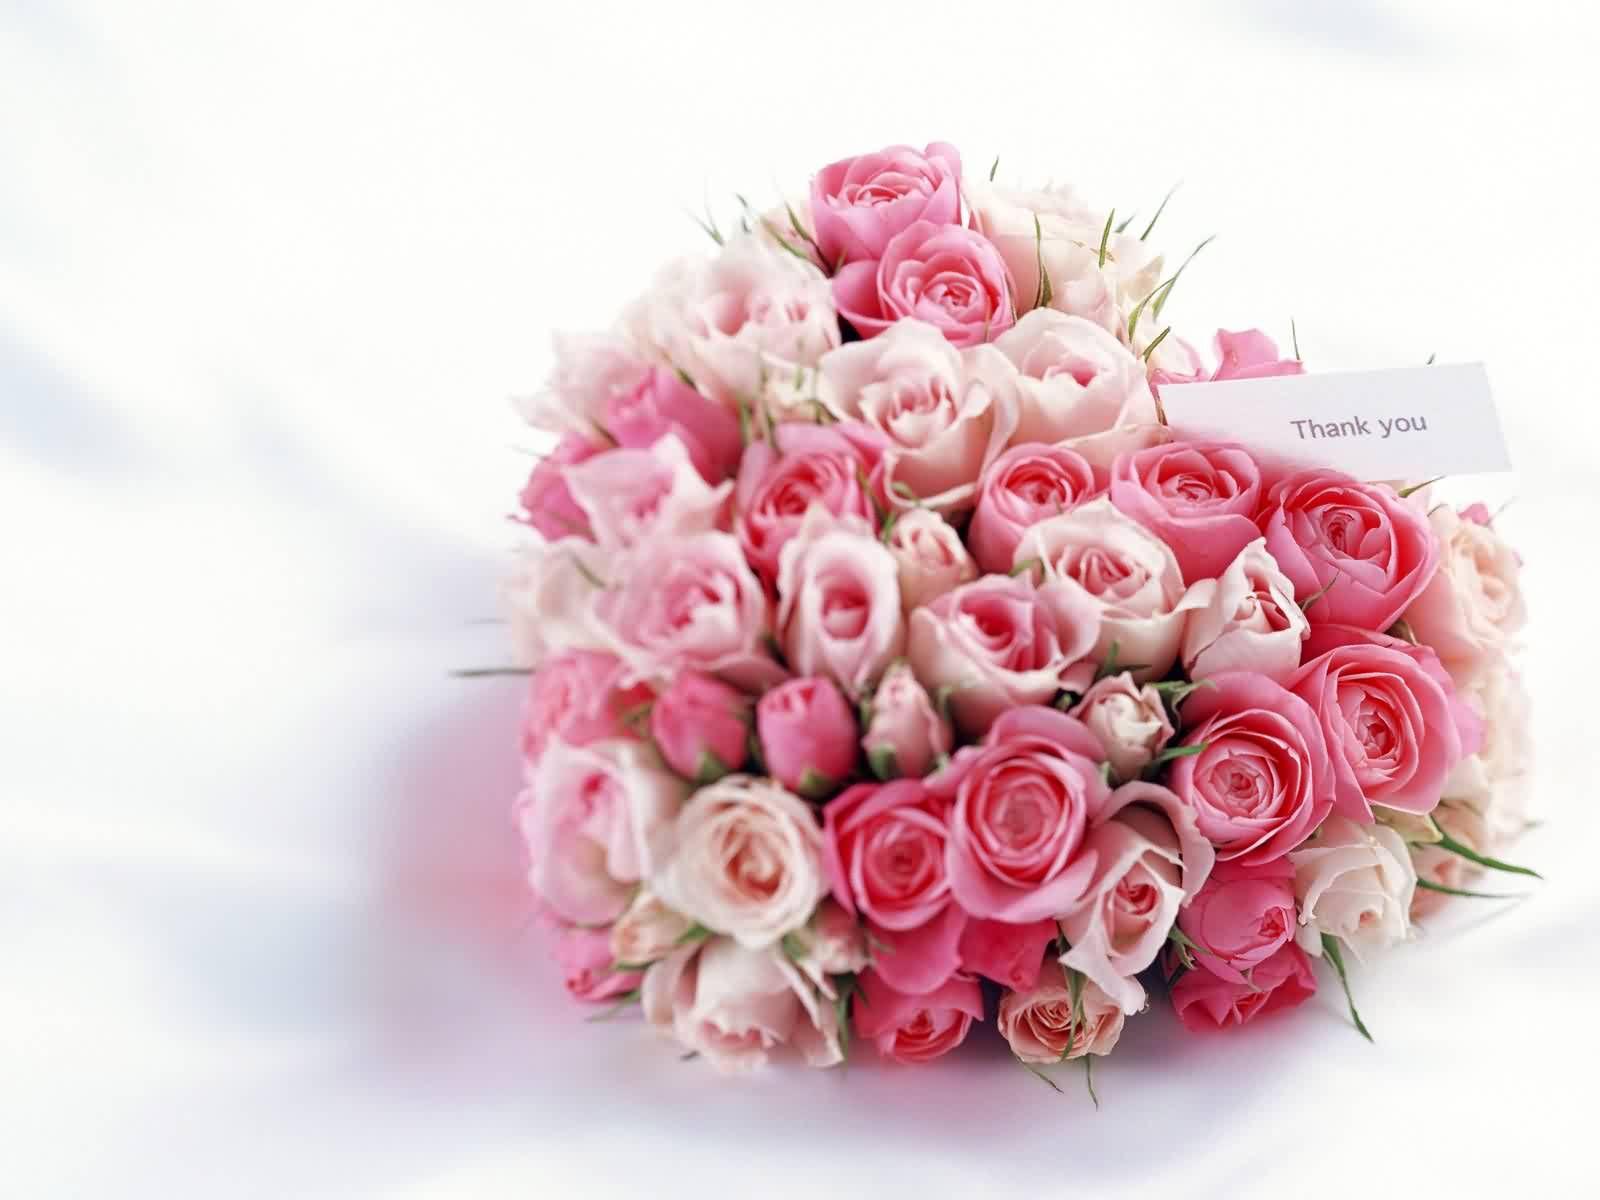 http://1.bp.blogspot.com/-8QwPzTV742w/T6GABSLANYI/AAAAAAAACW4/-nH6xIyuEb0/s1600/Love_Wallpapers_Umeaurhum2.JPG